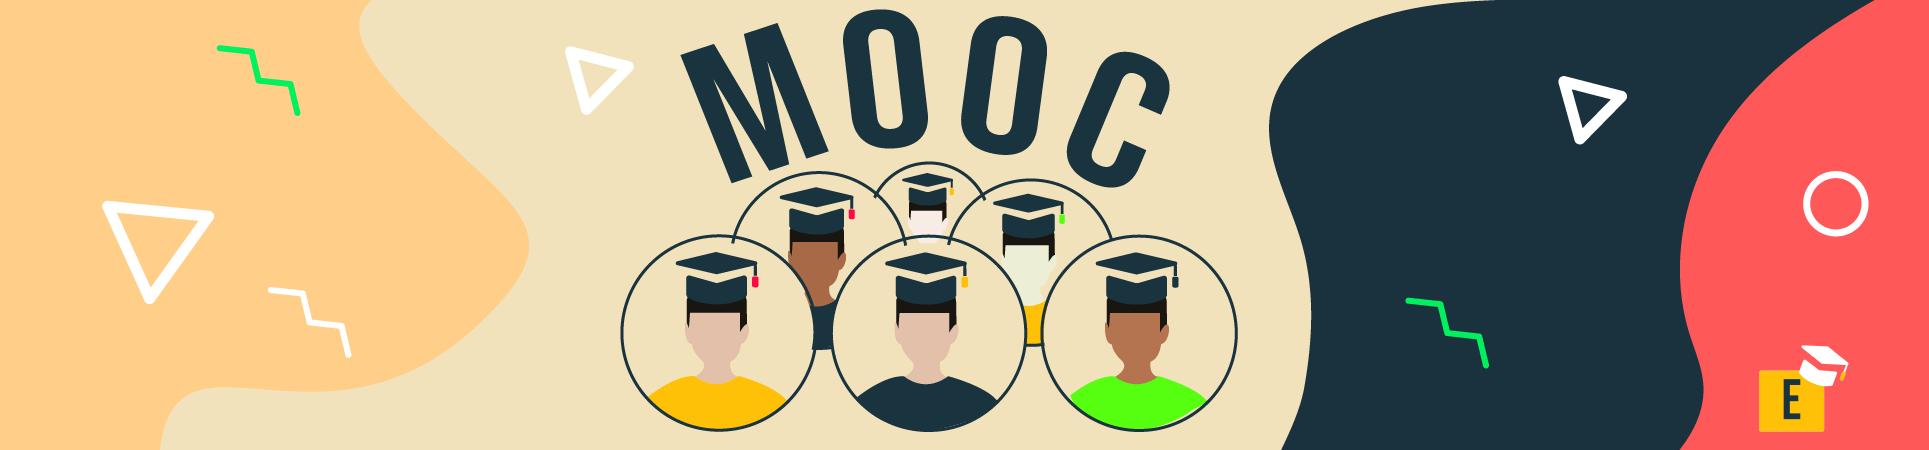 MOOC kostenlose online Kurse